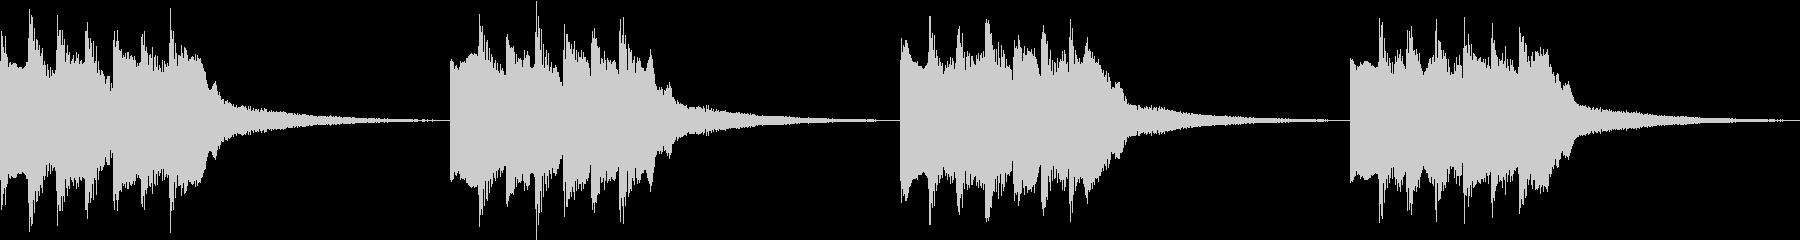 シンプル ベル 着信音 チャイム B-1の未再生の波形